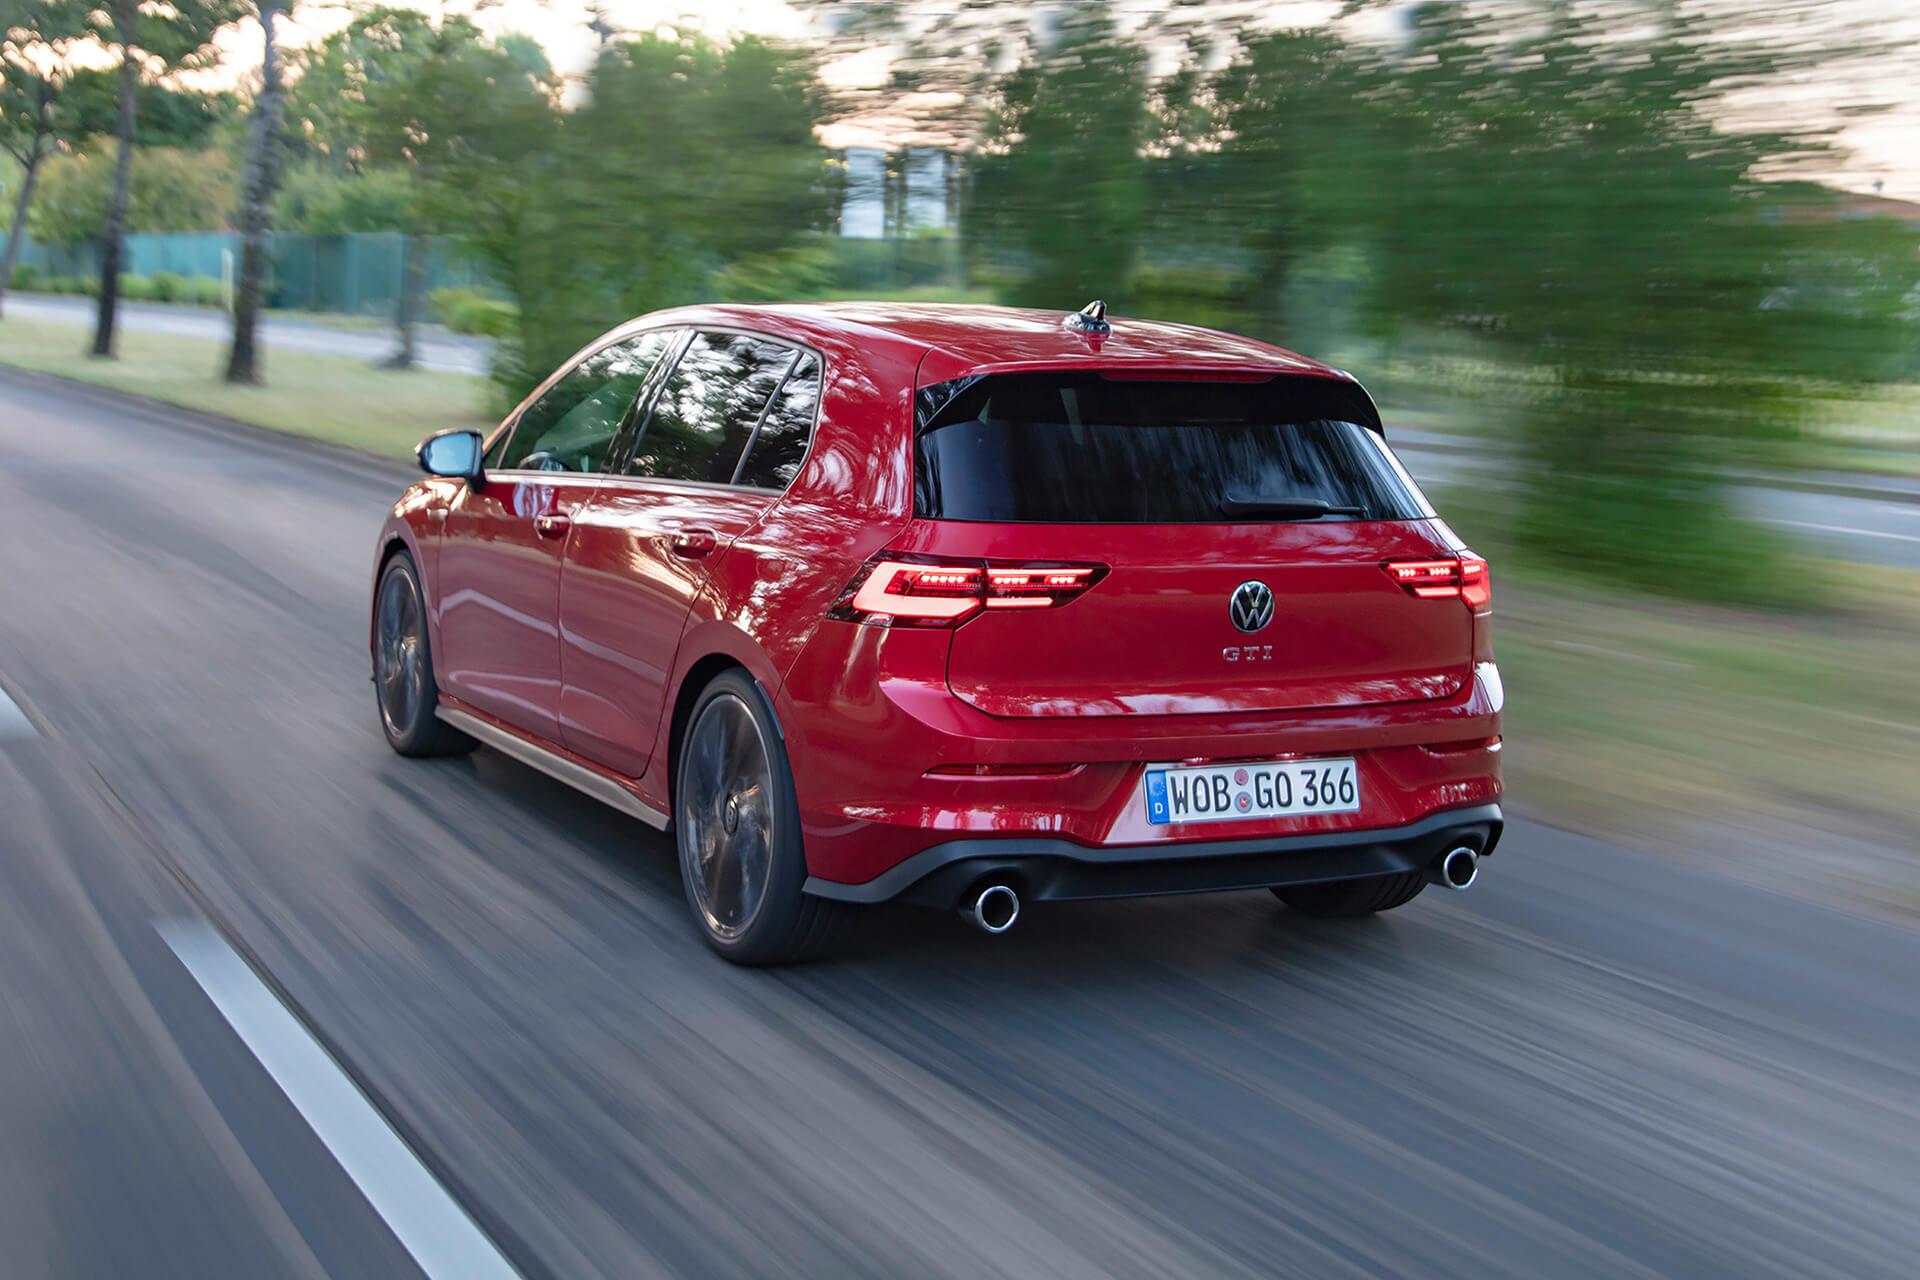 Νέο Volkswagen Golf GTI - Σε κίνηση, πίσω όψη